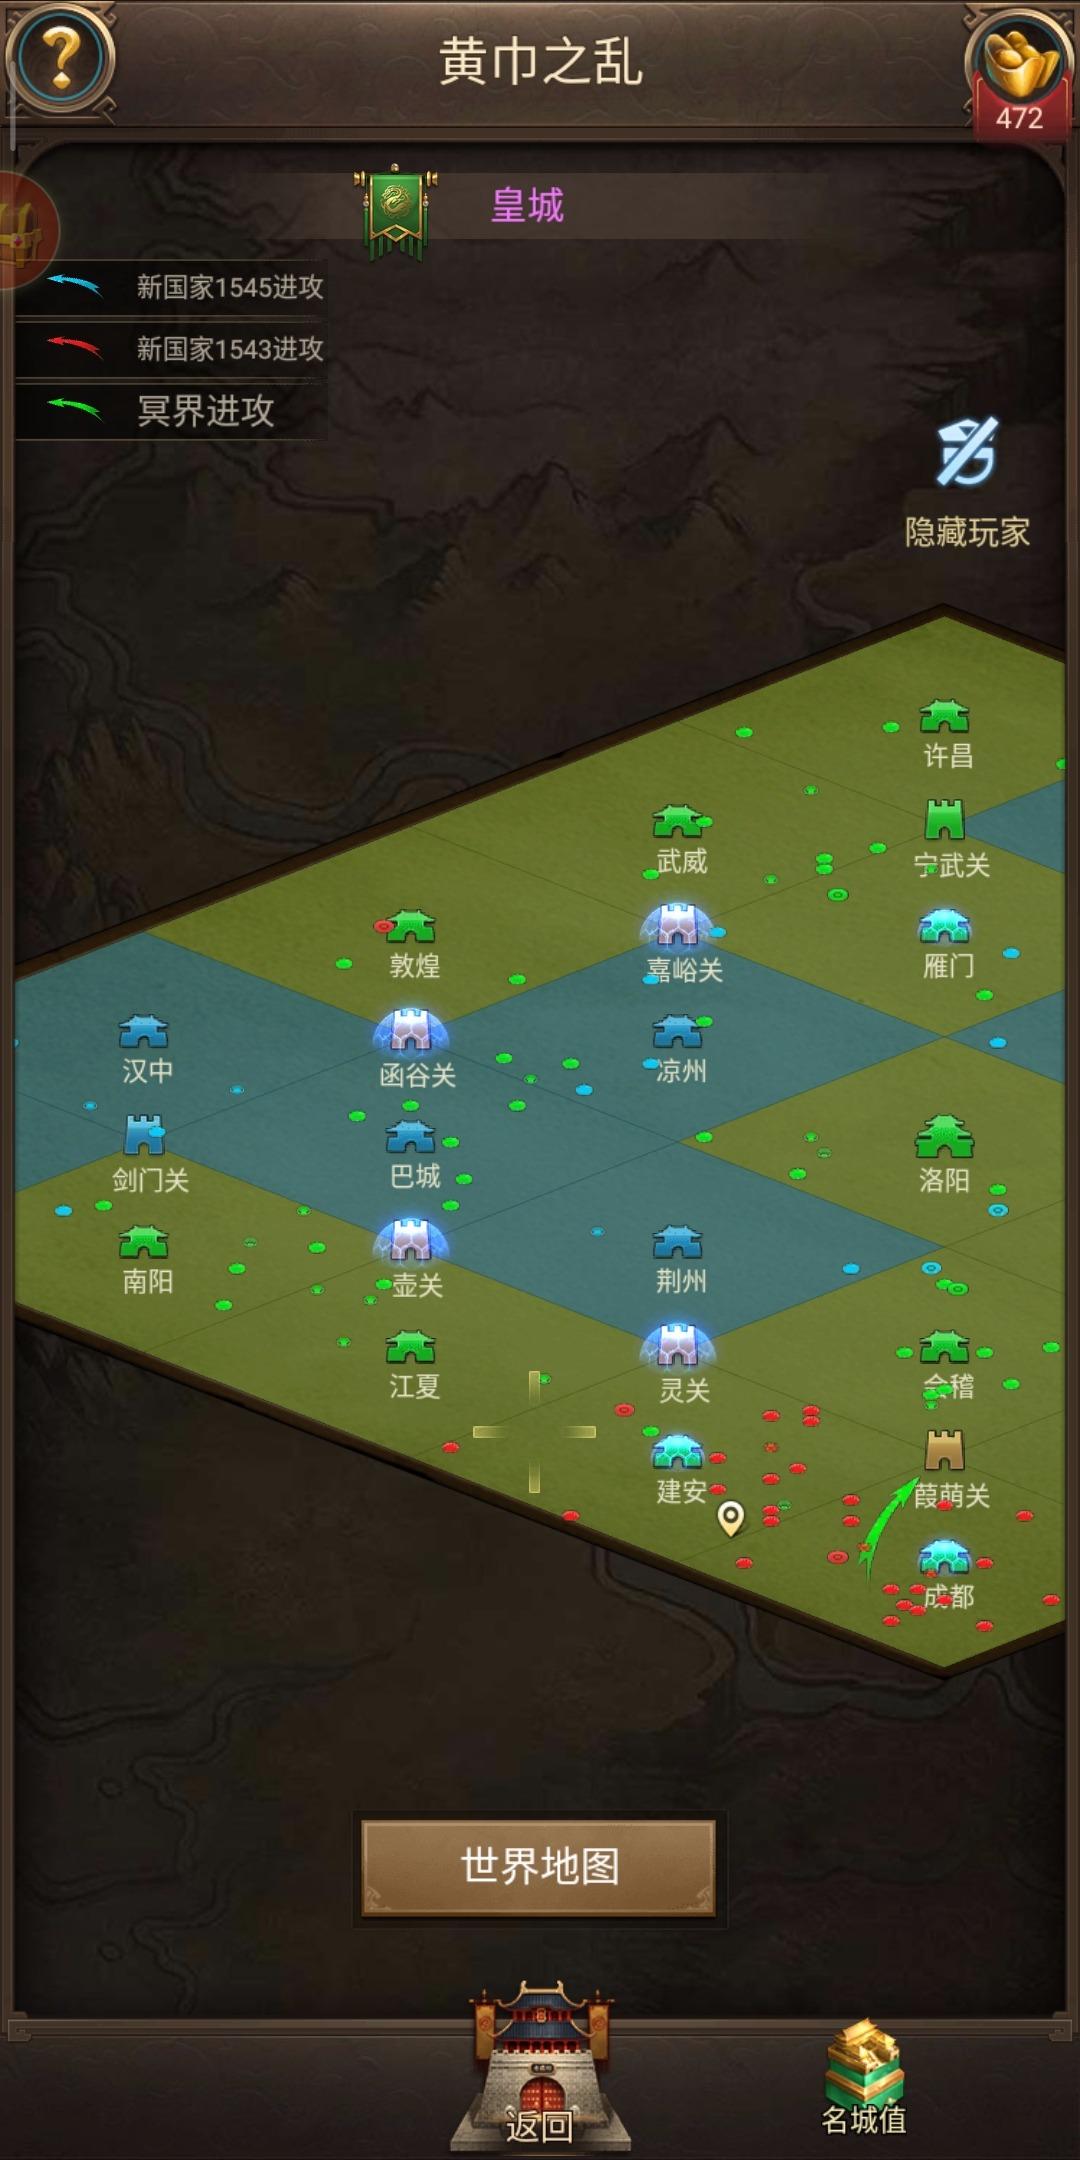 Screenshot_2020-02-02-14-54-42-144_com.jedigames.p16.mi.jpg